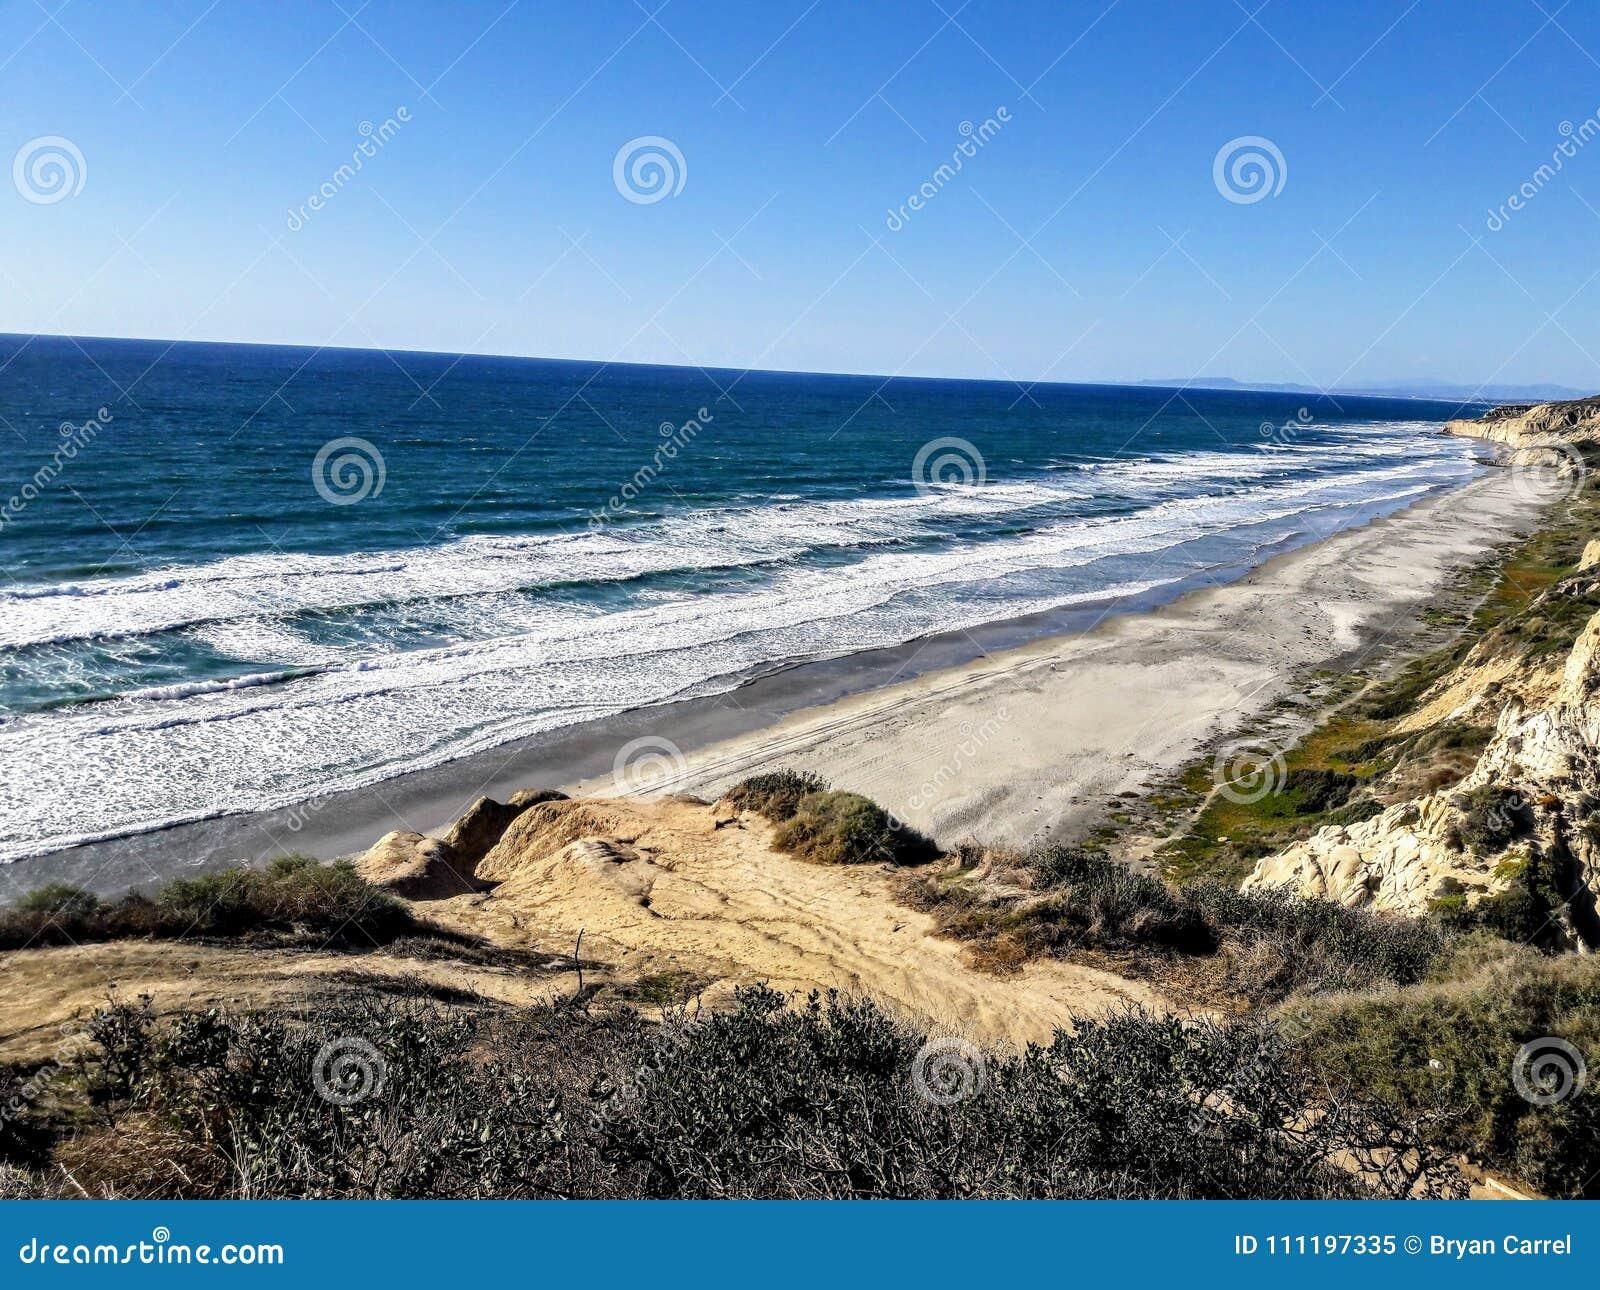 Torrey Pines State Beach - praia dos pretos - San Diego